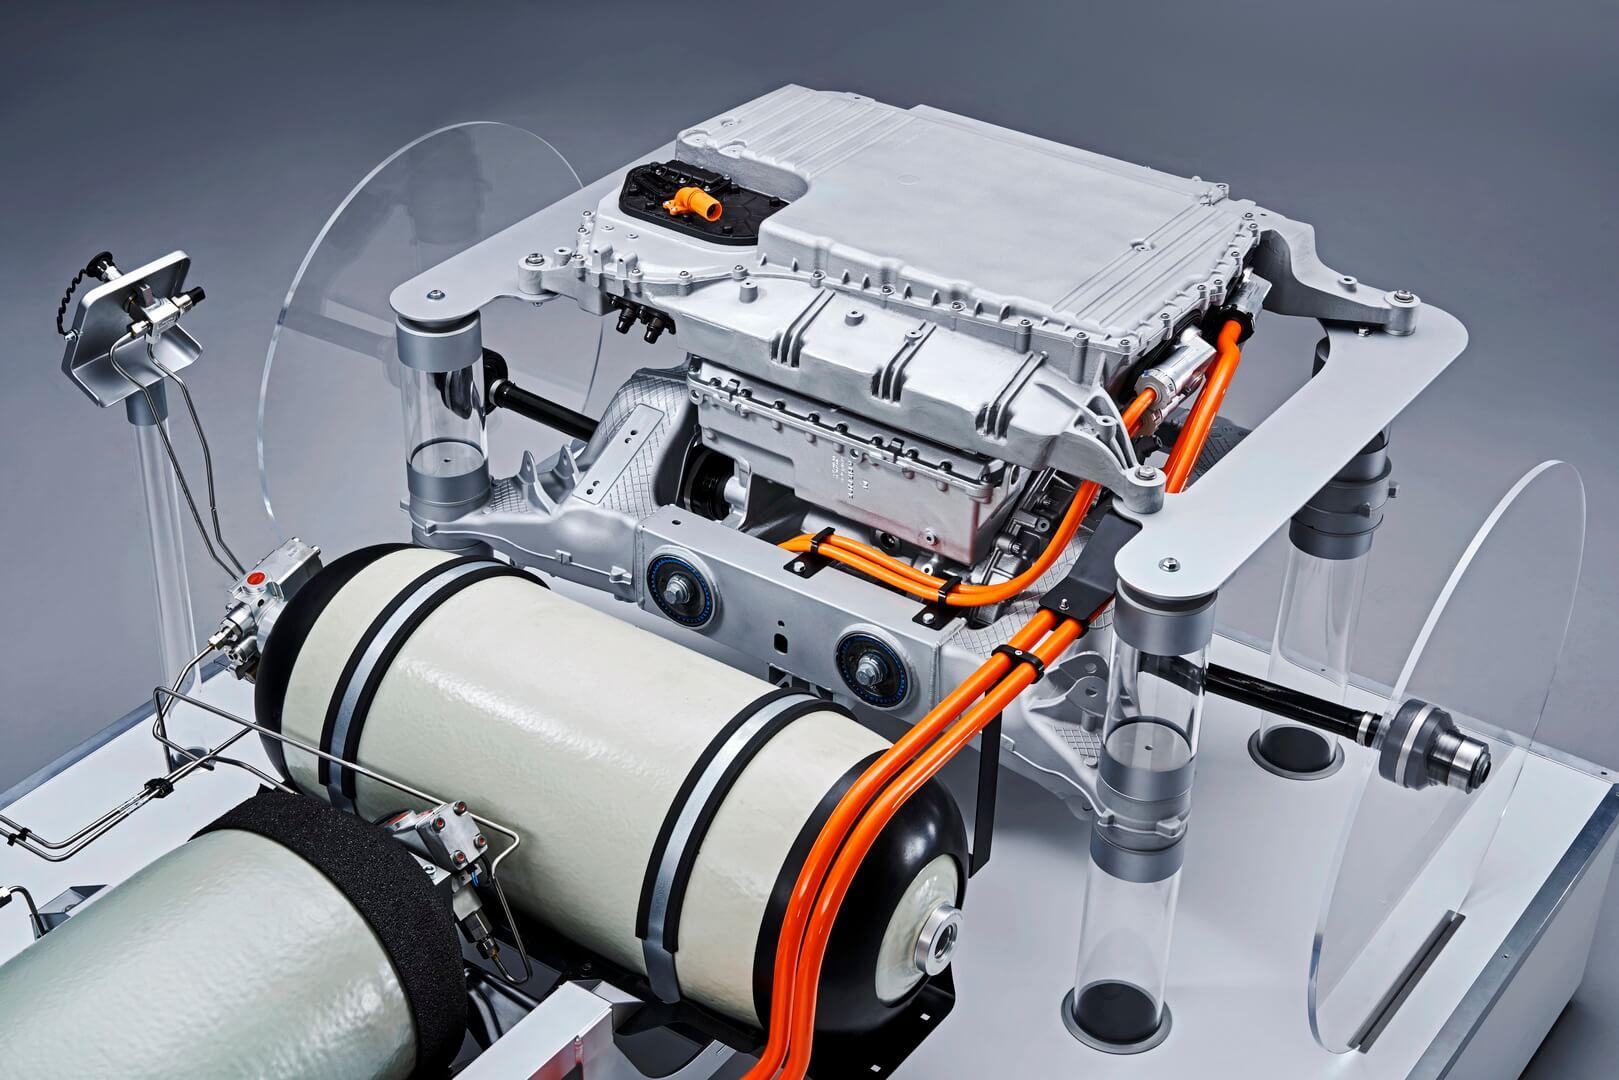 BMW i Hydrogen NEXT использует систему топливных элементов, которая вырабатывает до 125 кВт